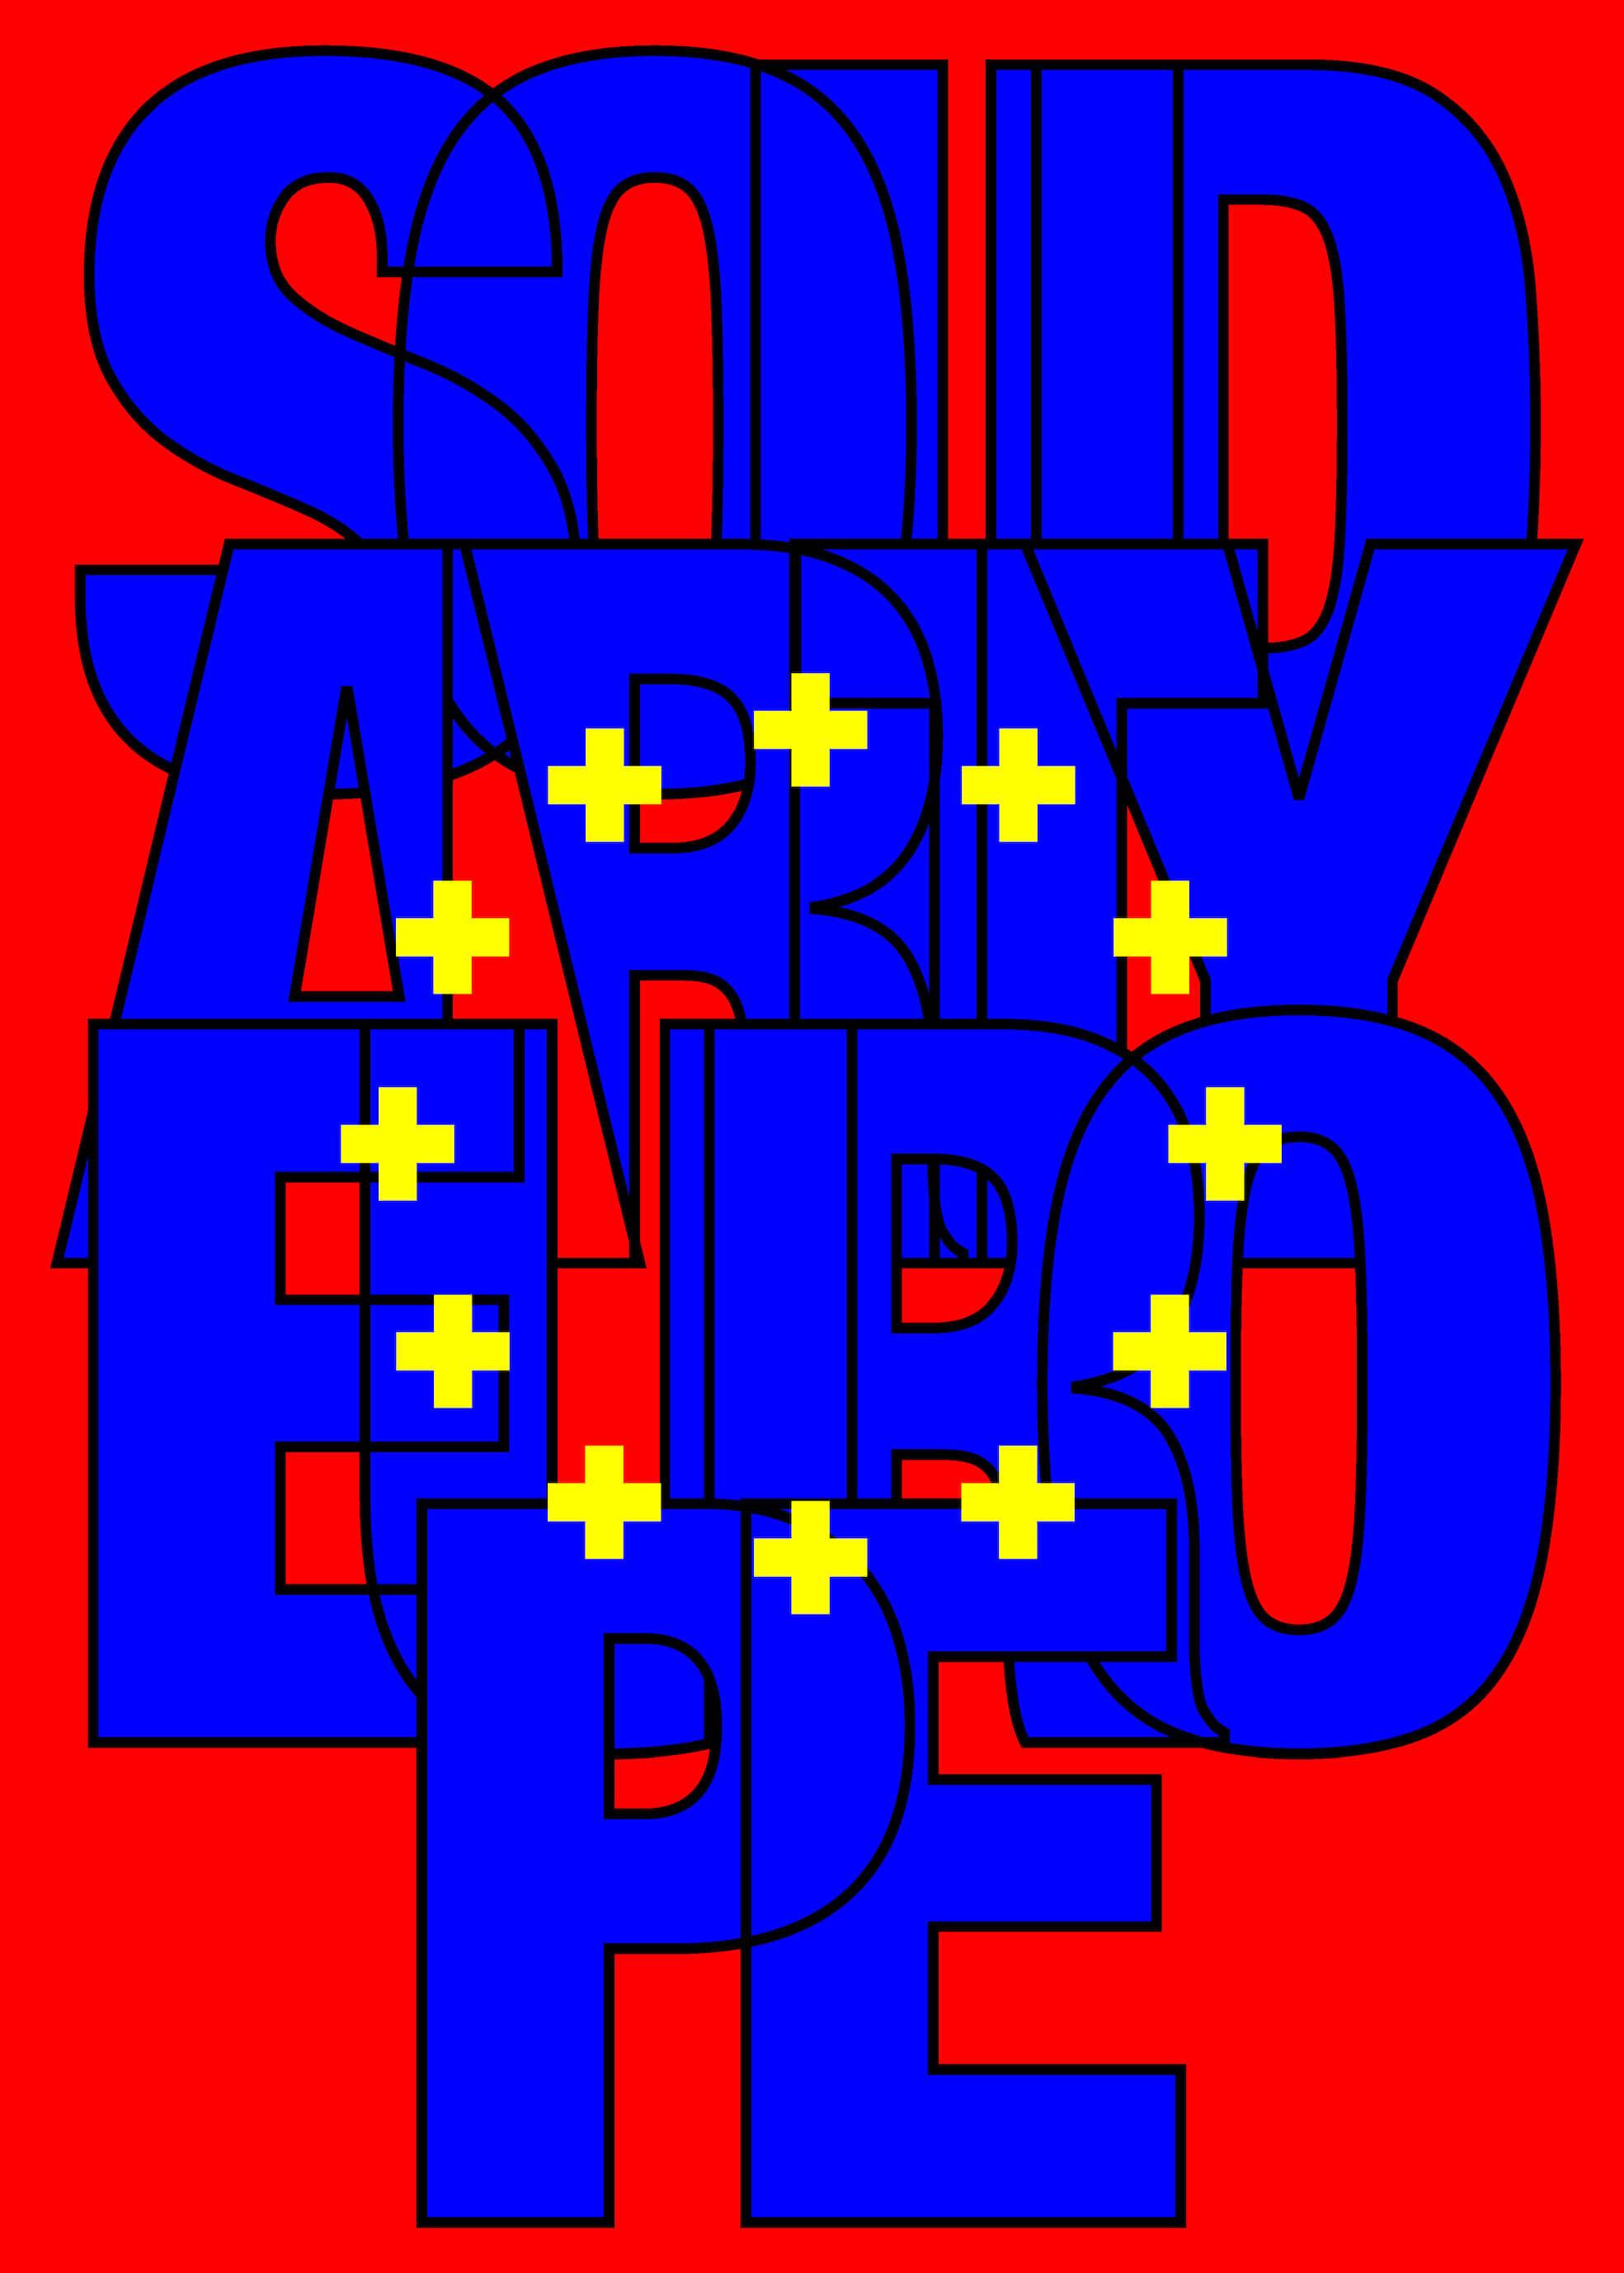 Solidarity Europe main image